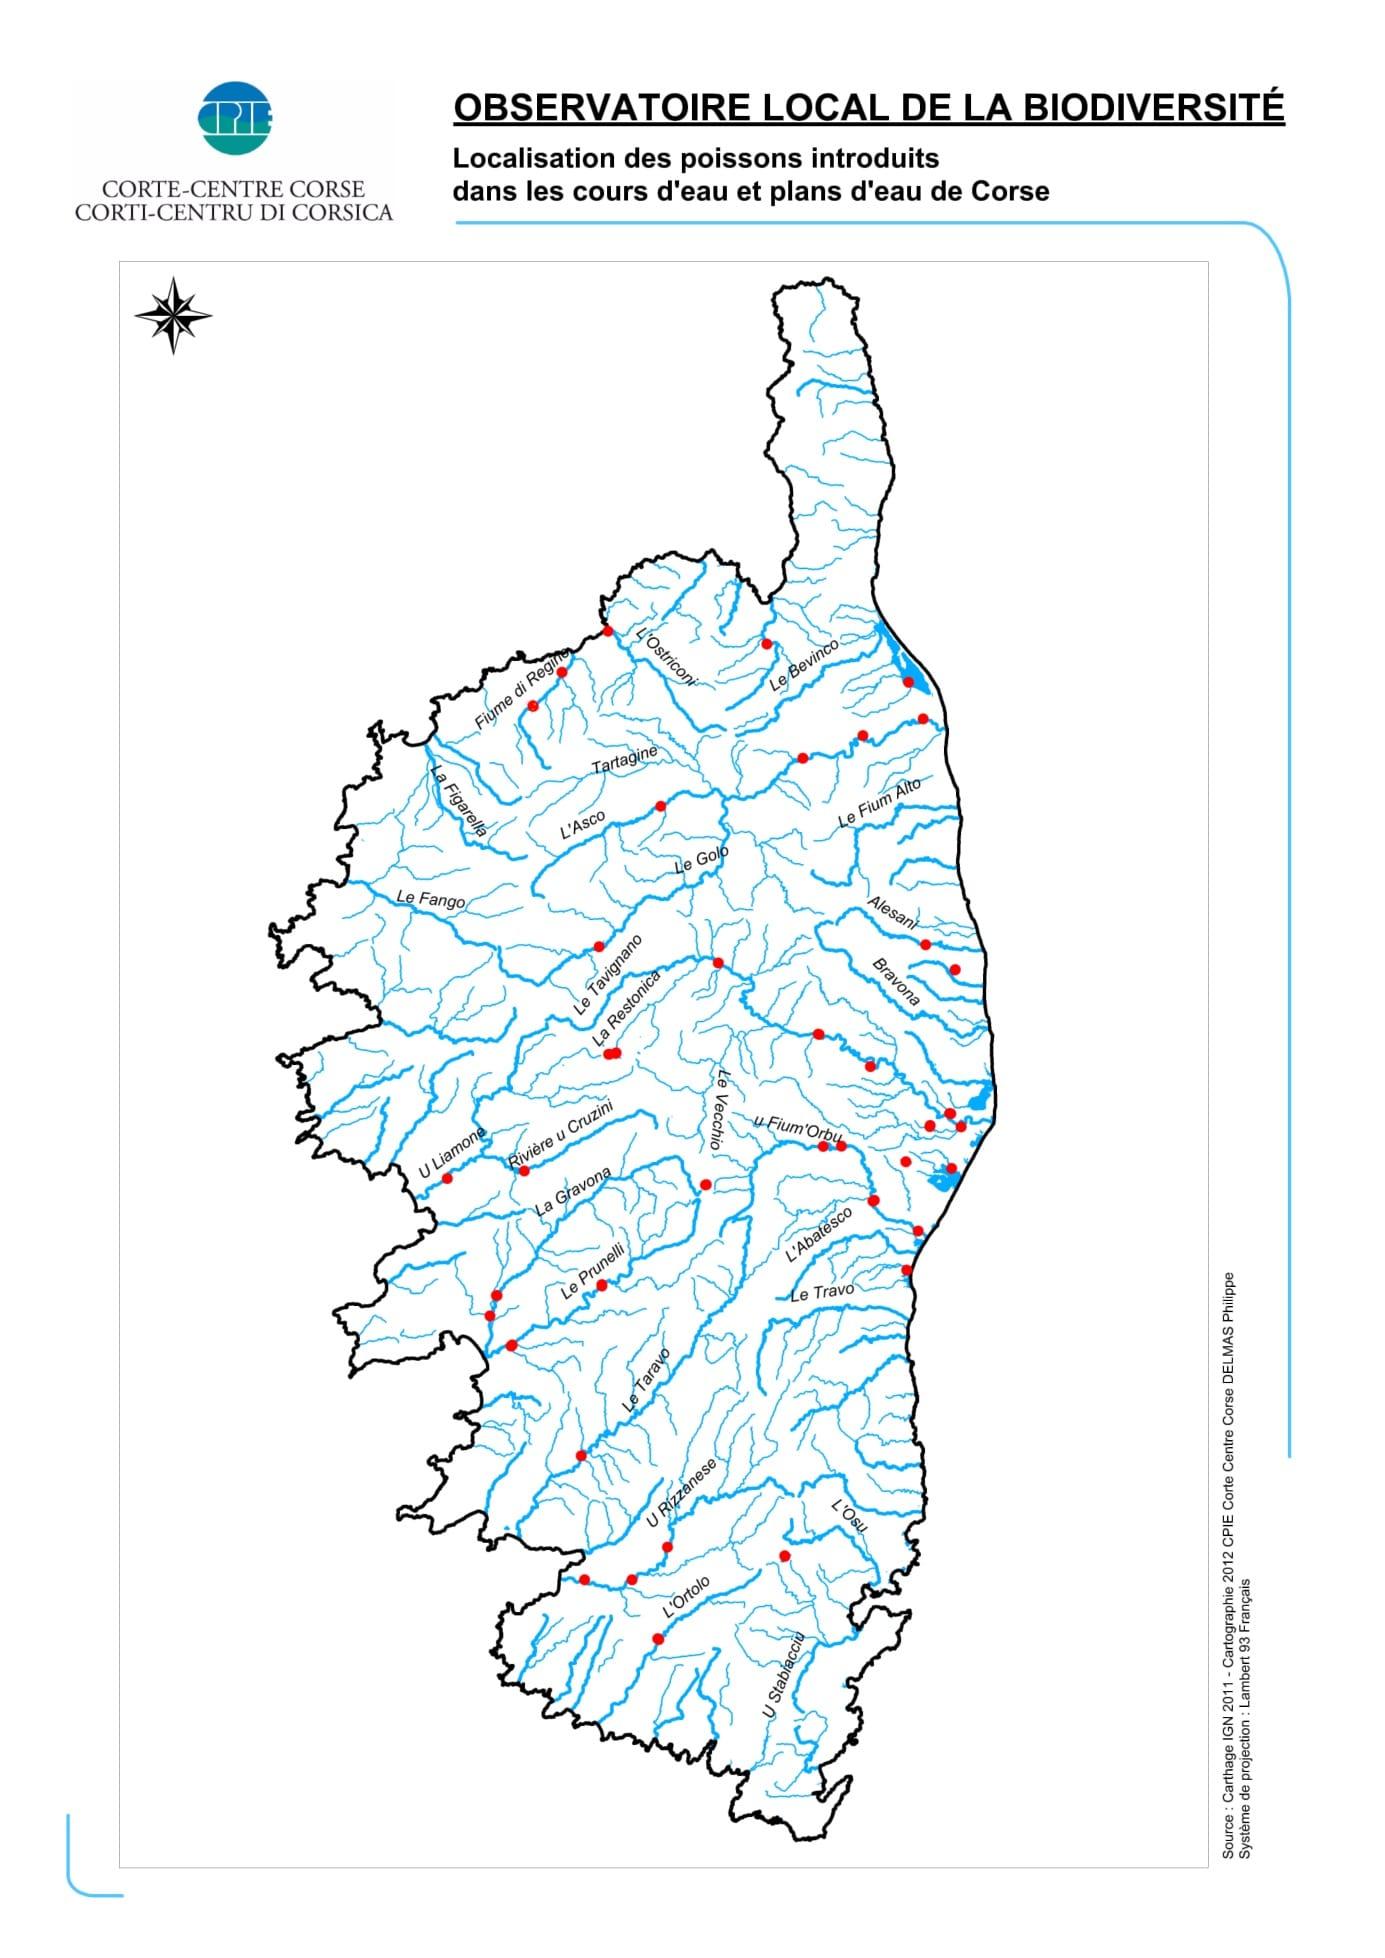 Relativ Cartograf.fr : Les régions de France : La Corse : page 2 RY43